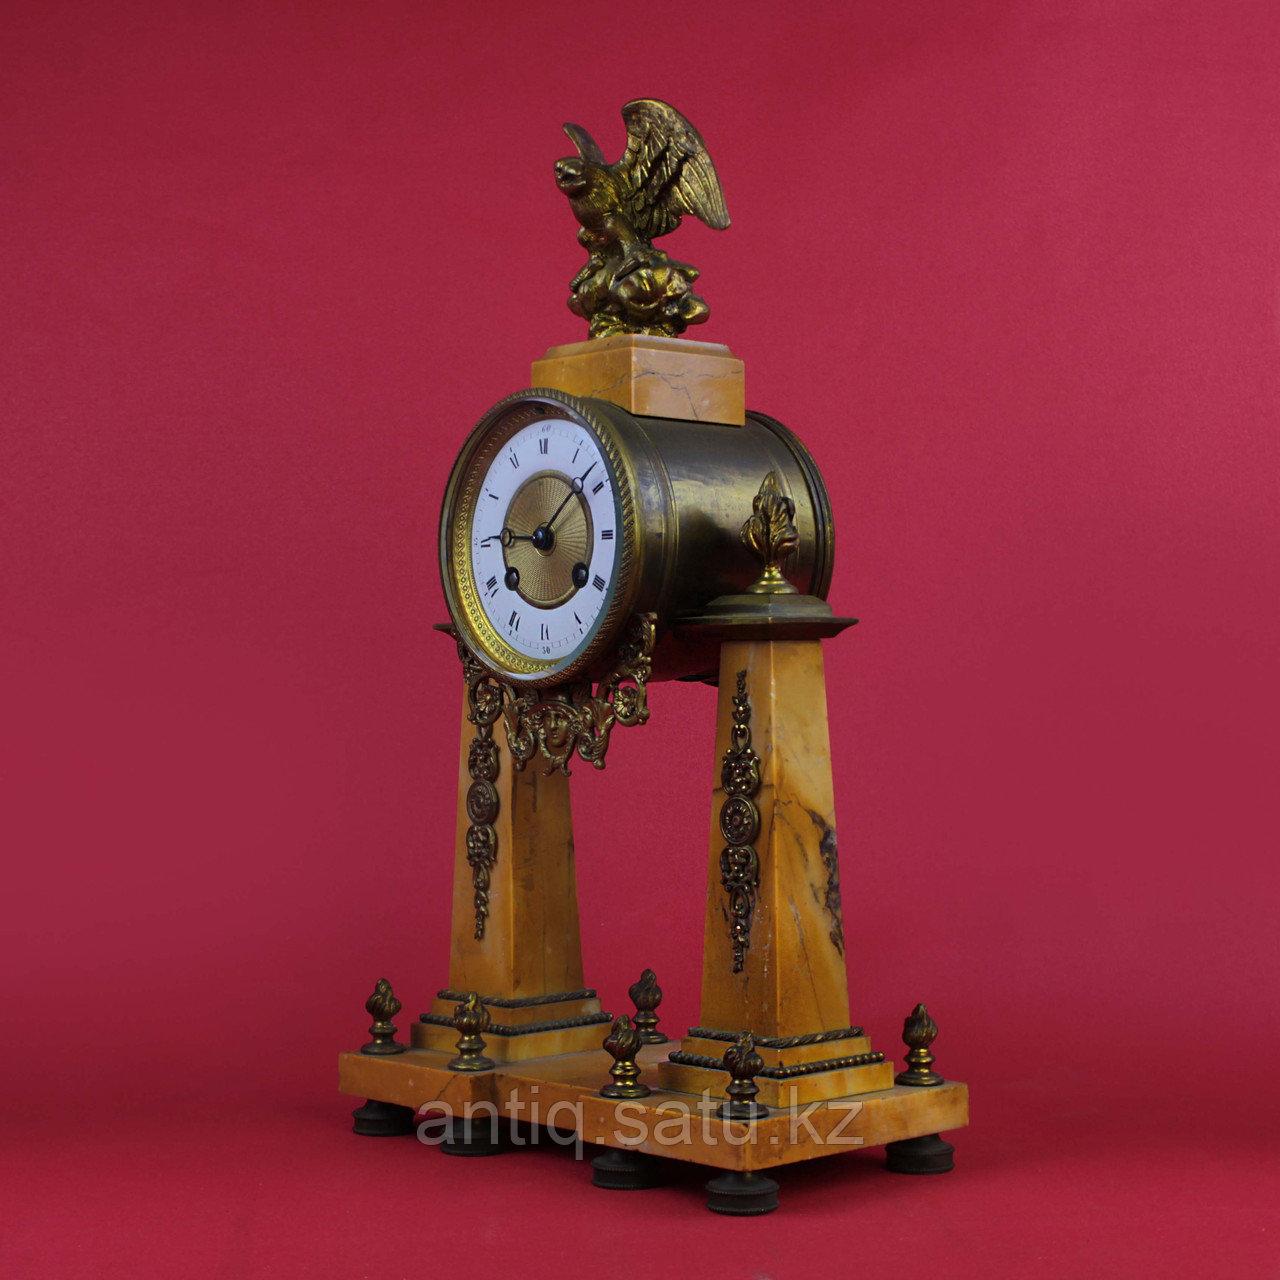 Часовой гарнитур в стиле Людовика XVI Франция. II половина XIX века - фото 2